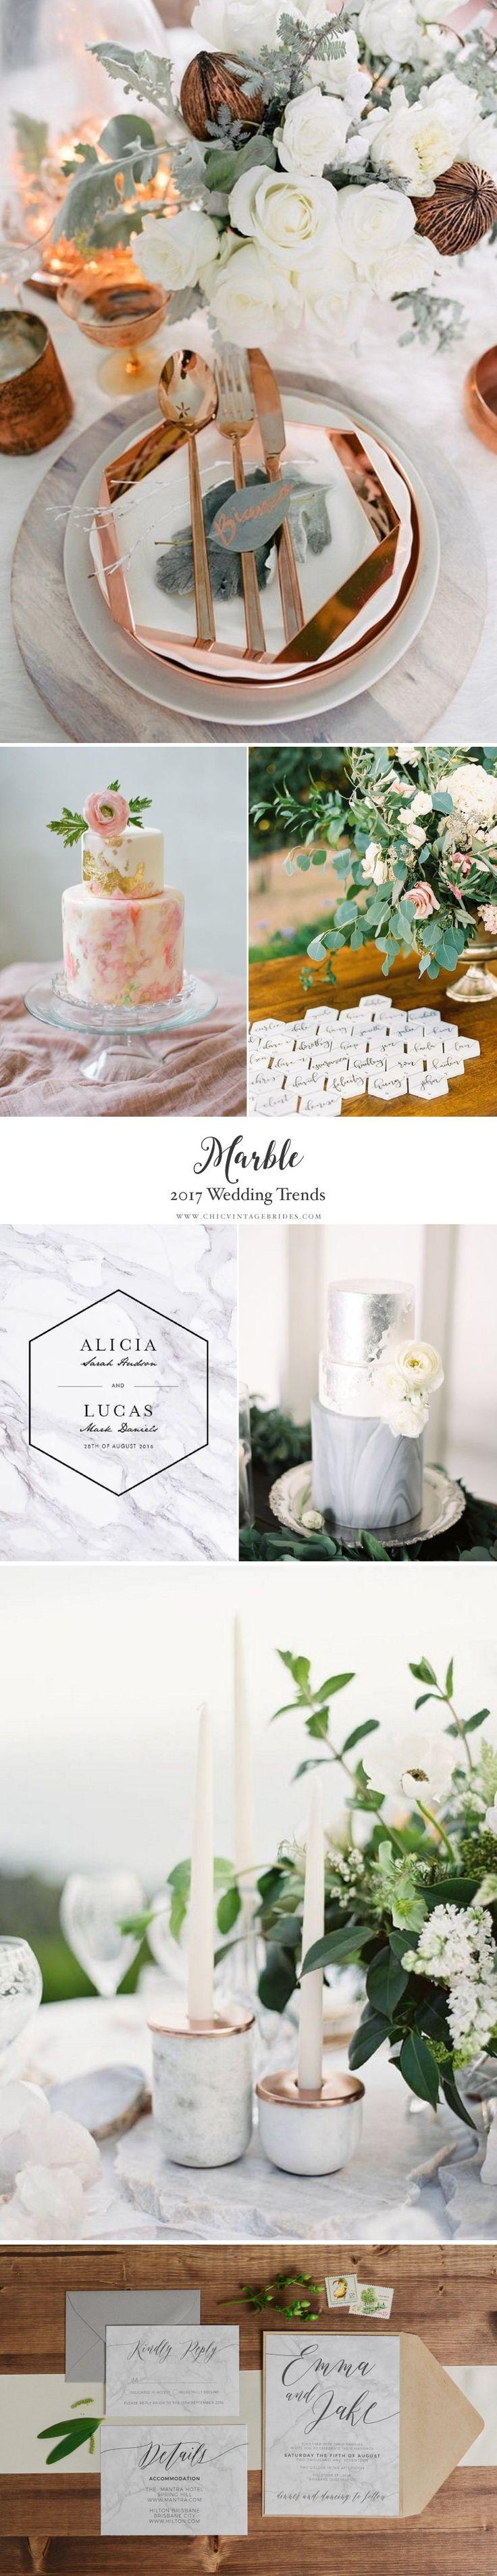 best bride and seek images on pinterest wedding dreams